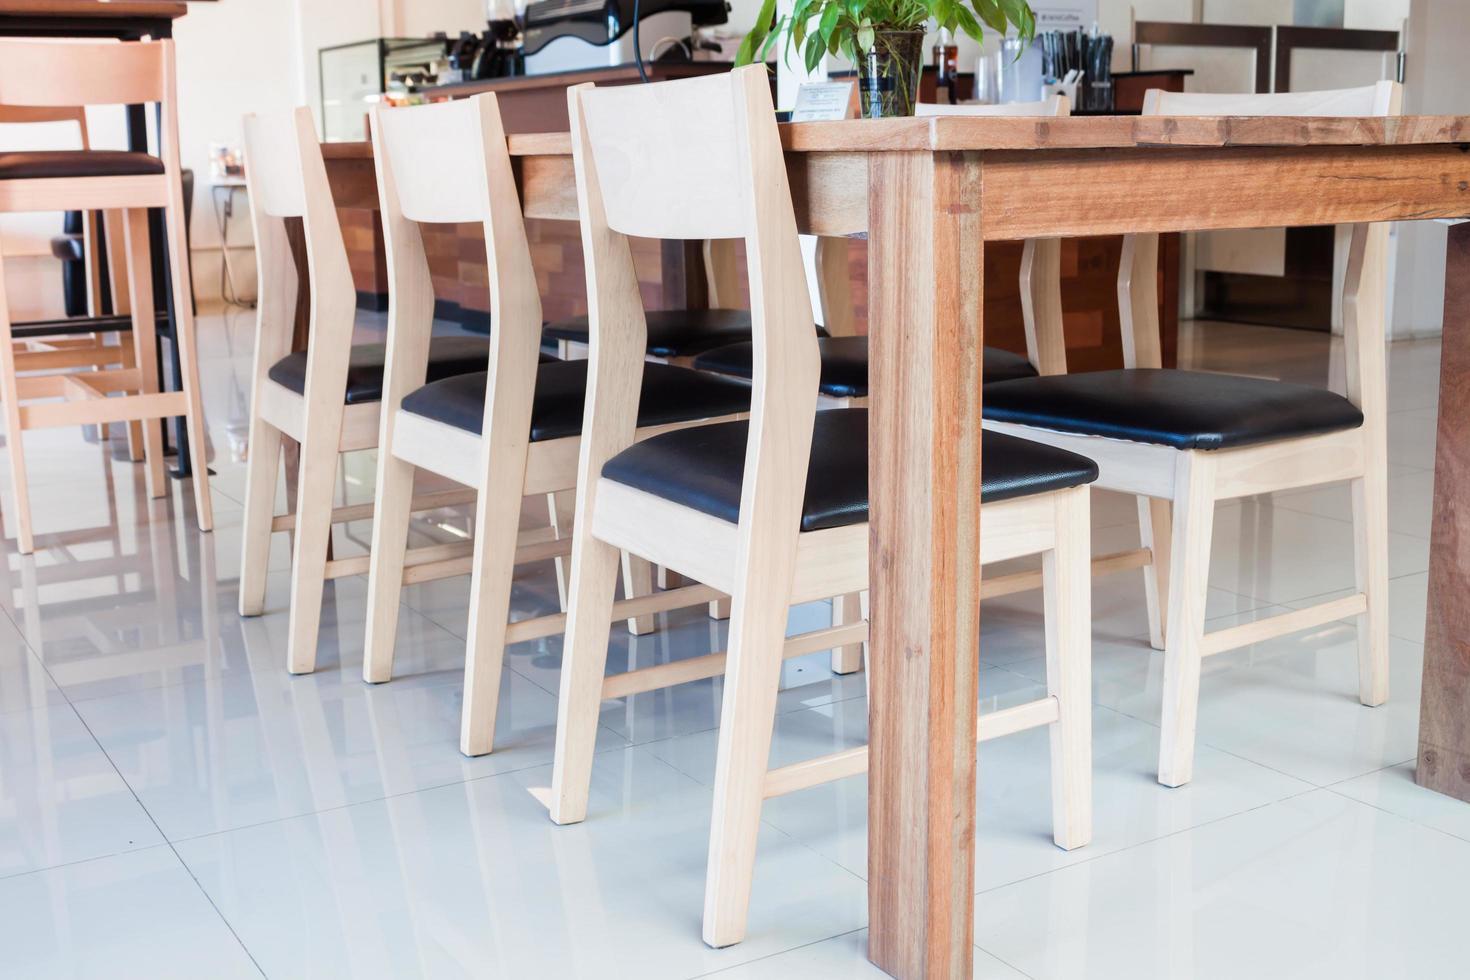 chaises en bois avec table photo